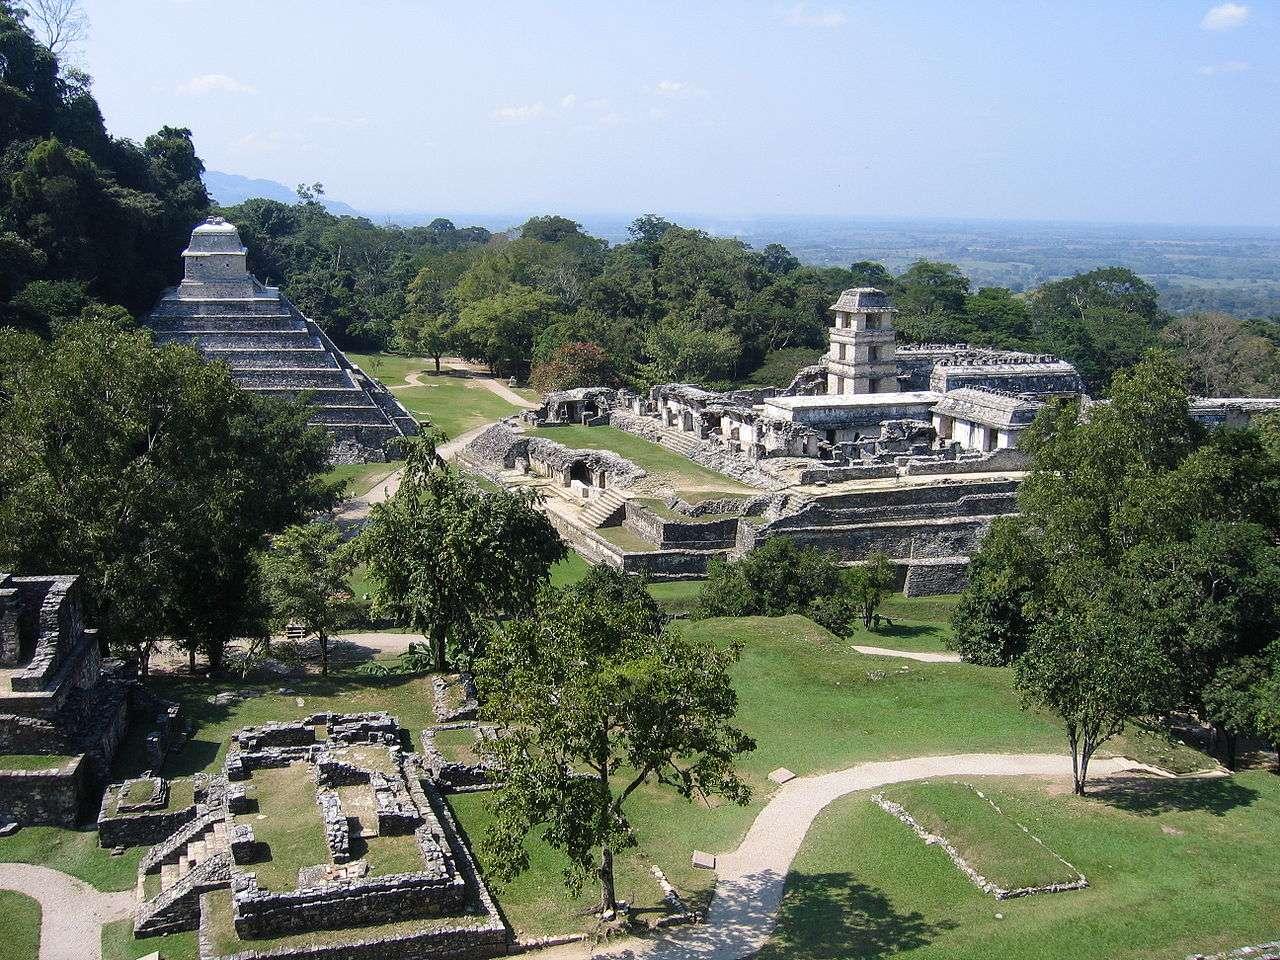 Le buzz du mois : la fin du monde avec les Mayas ! Ici, le site de Palenque, dans l'État mexicain du Chiapas, près du fleuve Usumacinta. © Wikipédia, Peter Andersen